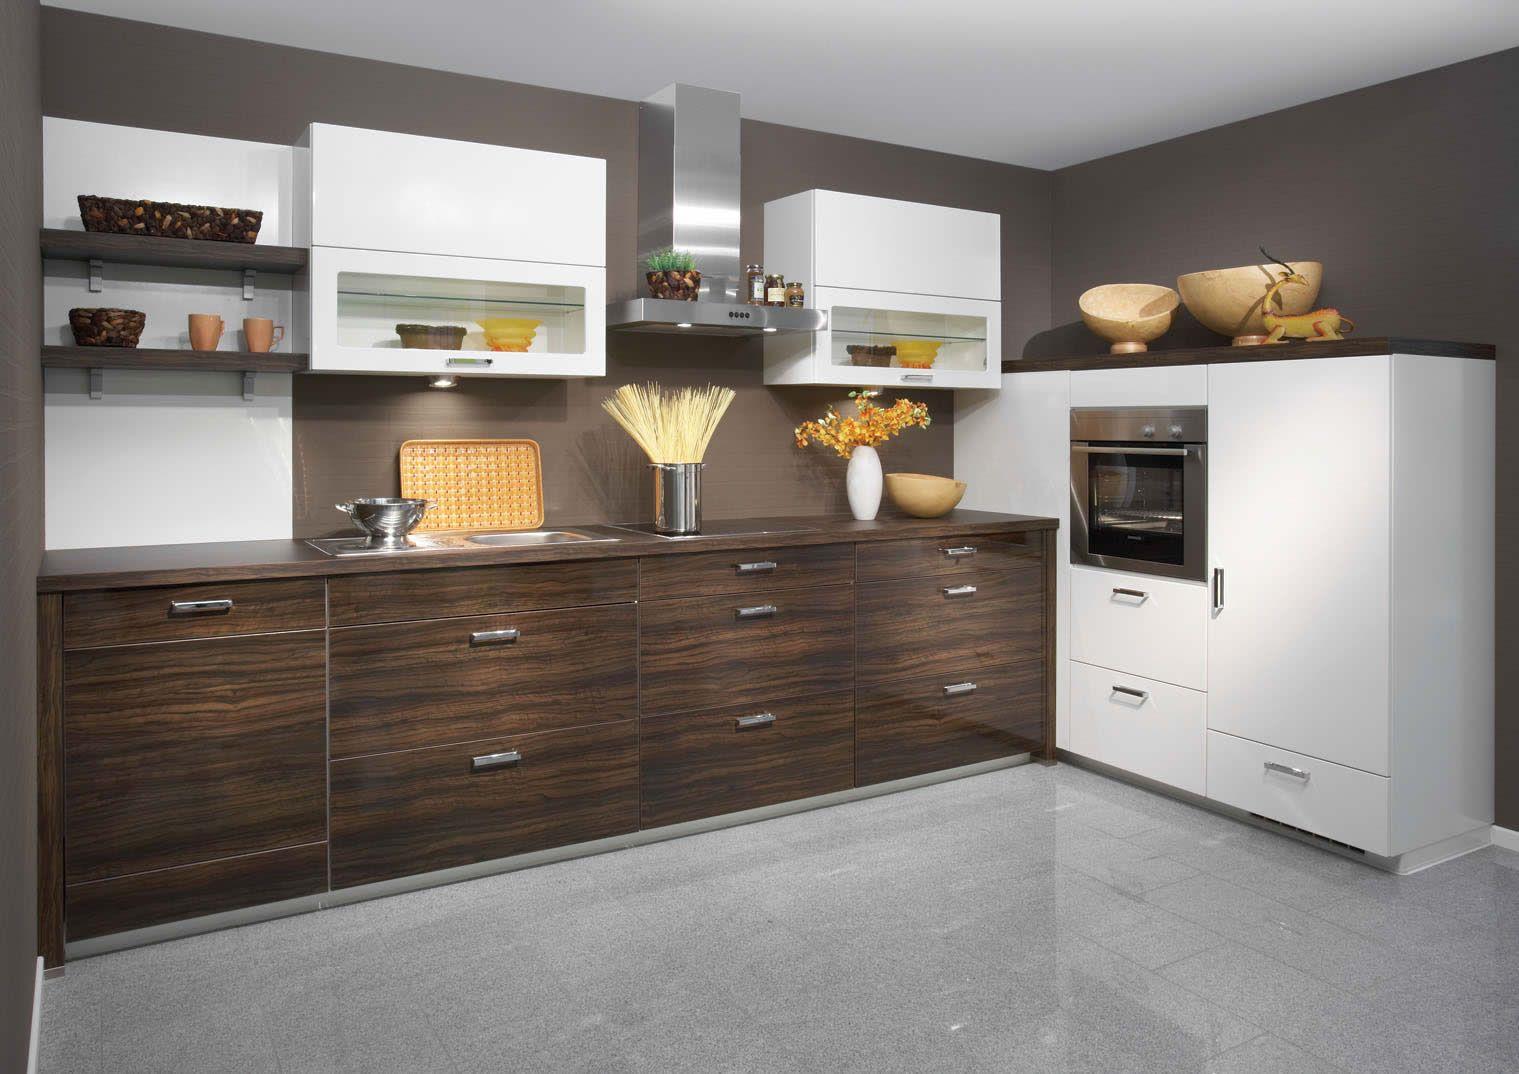 Design Meiner Küche, L Förmige Küche, Essraum, Moderne Küche